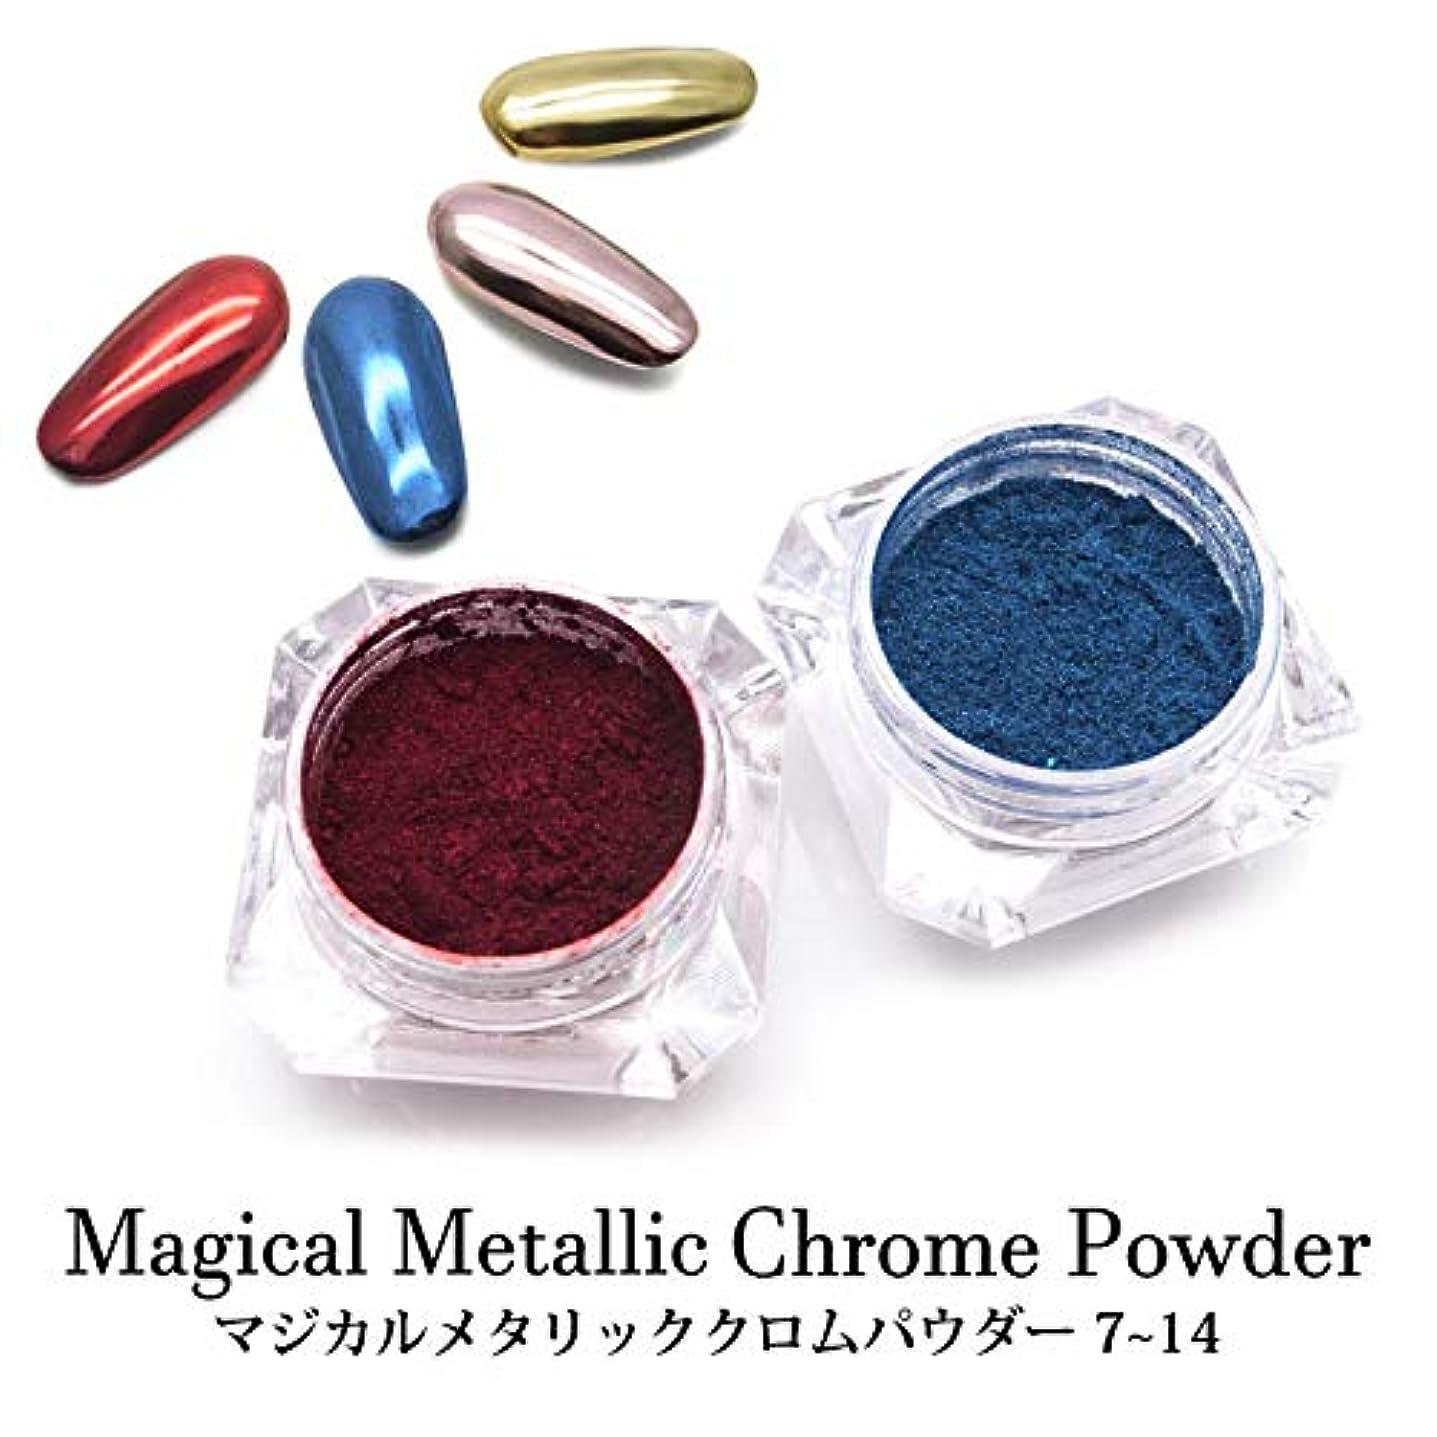 放つ塊電化するマジカル メタリック クロムパウダー 全14色 ケース入り 7~14 (13.ブロンズゴールド)